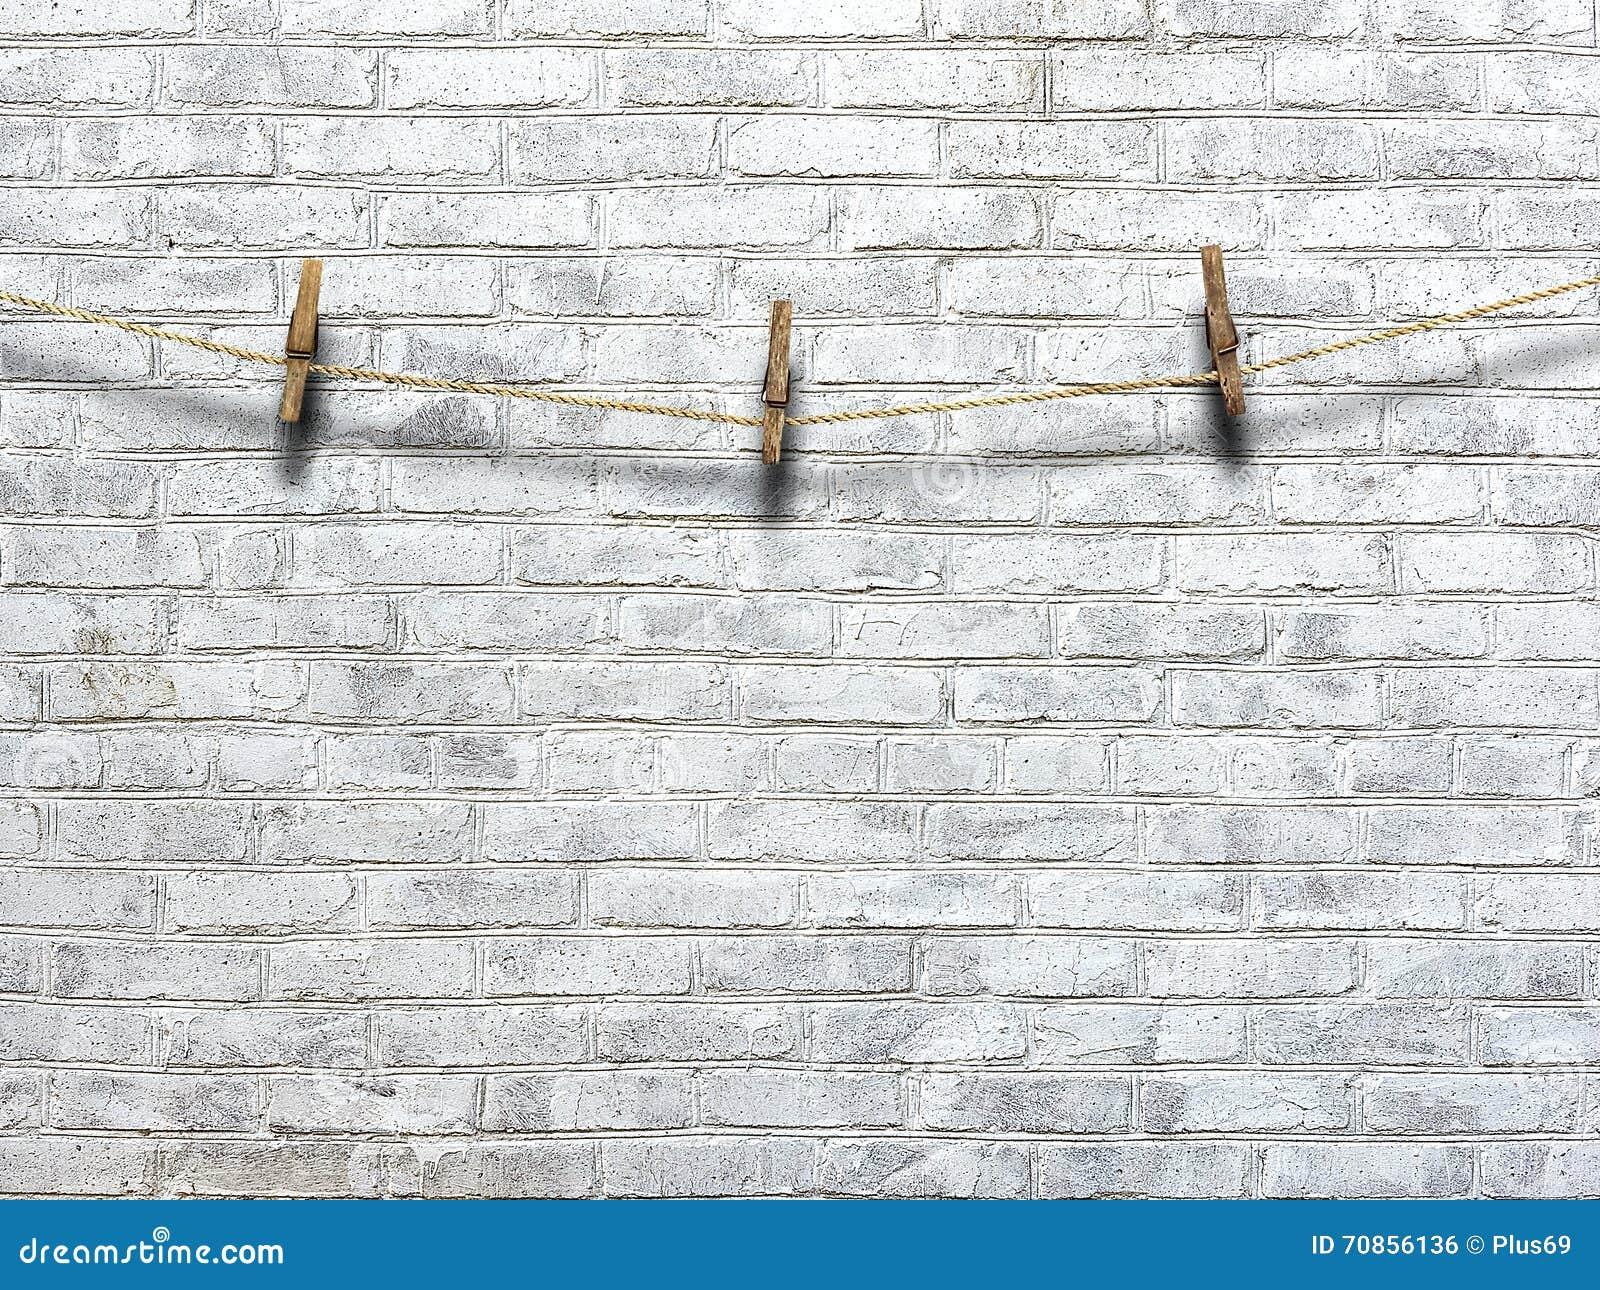 corde linge avec des pinces linge sur un fond d 39 un mur de briques photo stock image 70856136. Black Bedroom Furniture Sets. Home Design Ideas